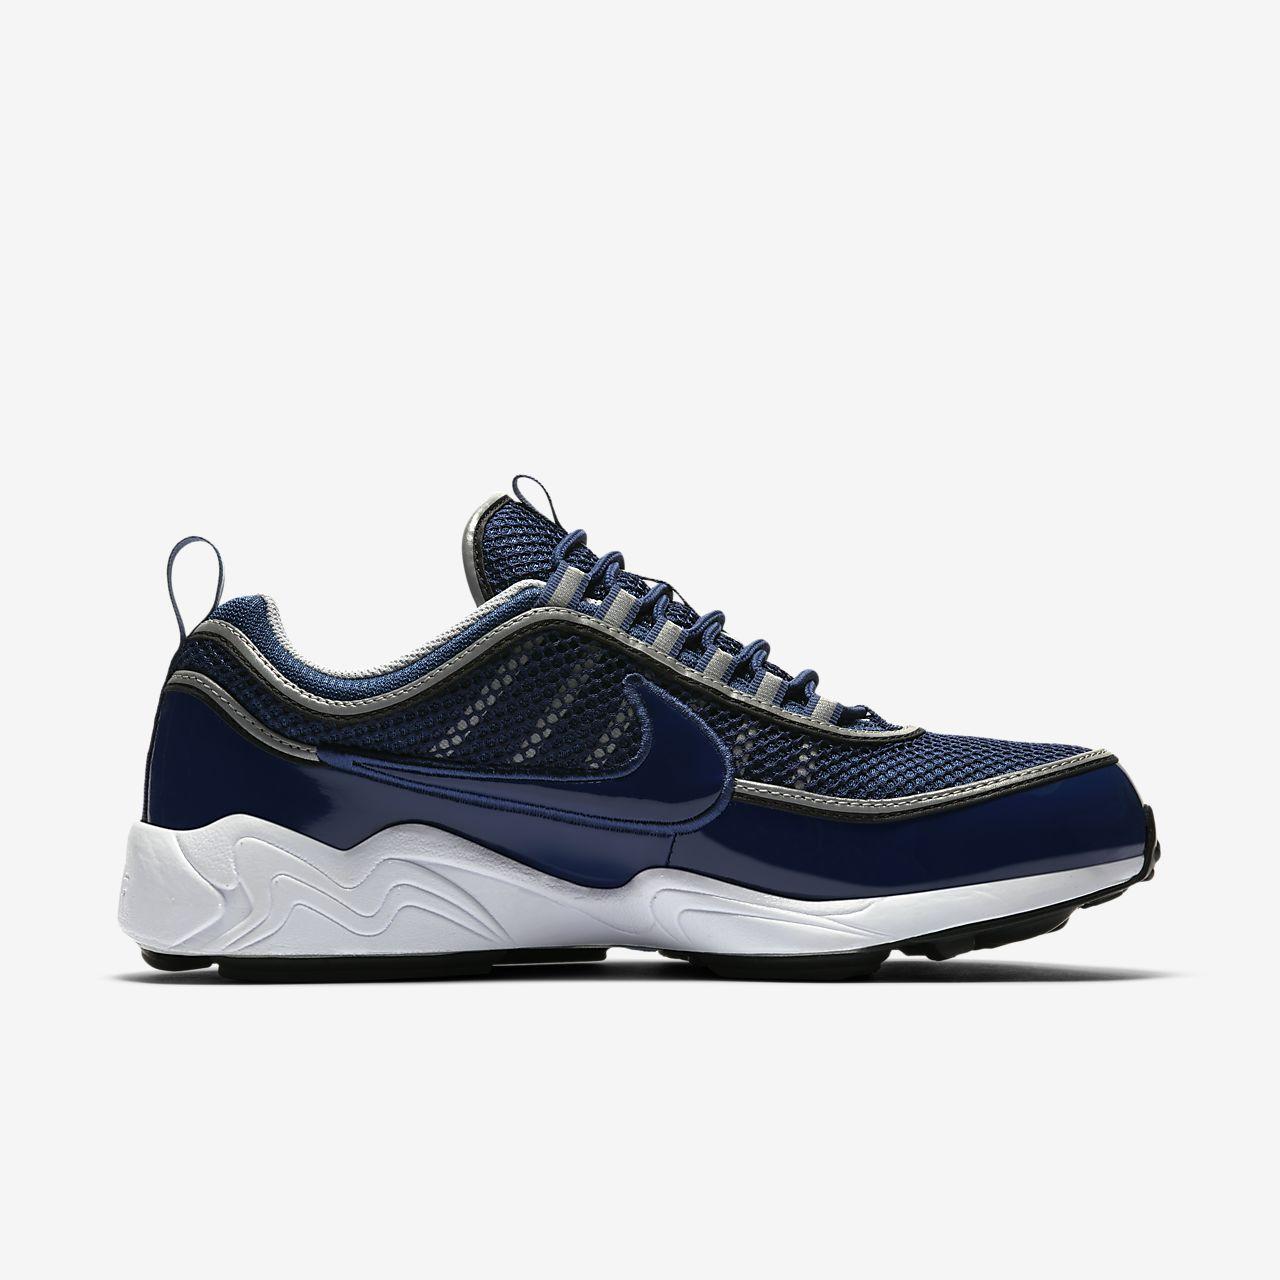 Nike Free RN 2017, Chaussures de Running Homme, Bleu (Noir/Rouge Cocktail/Argent Métallique), 42 EU